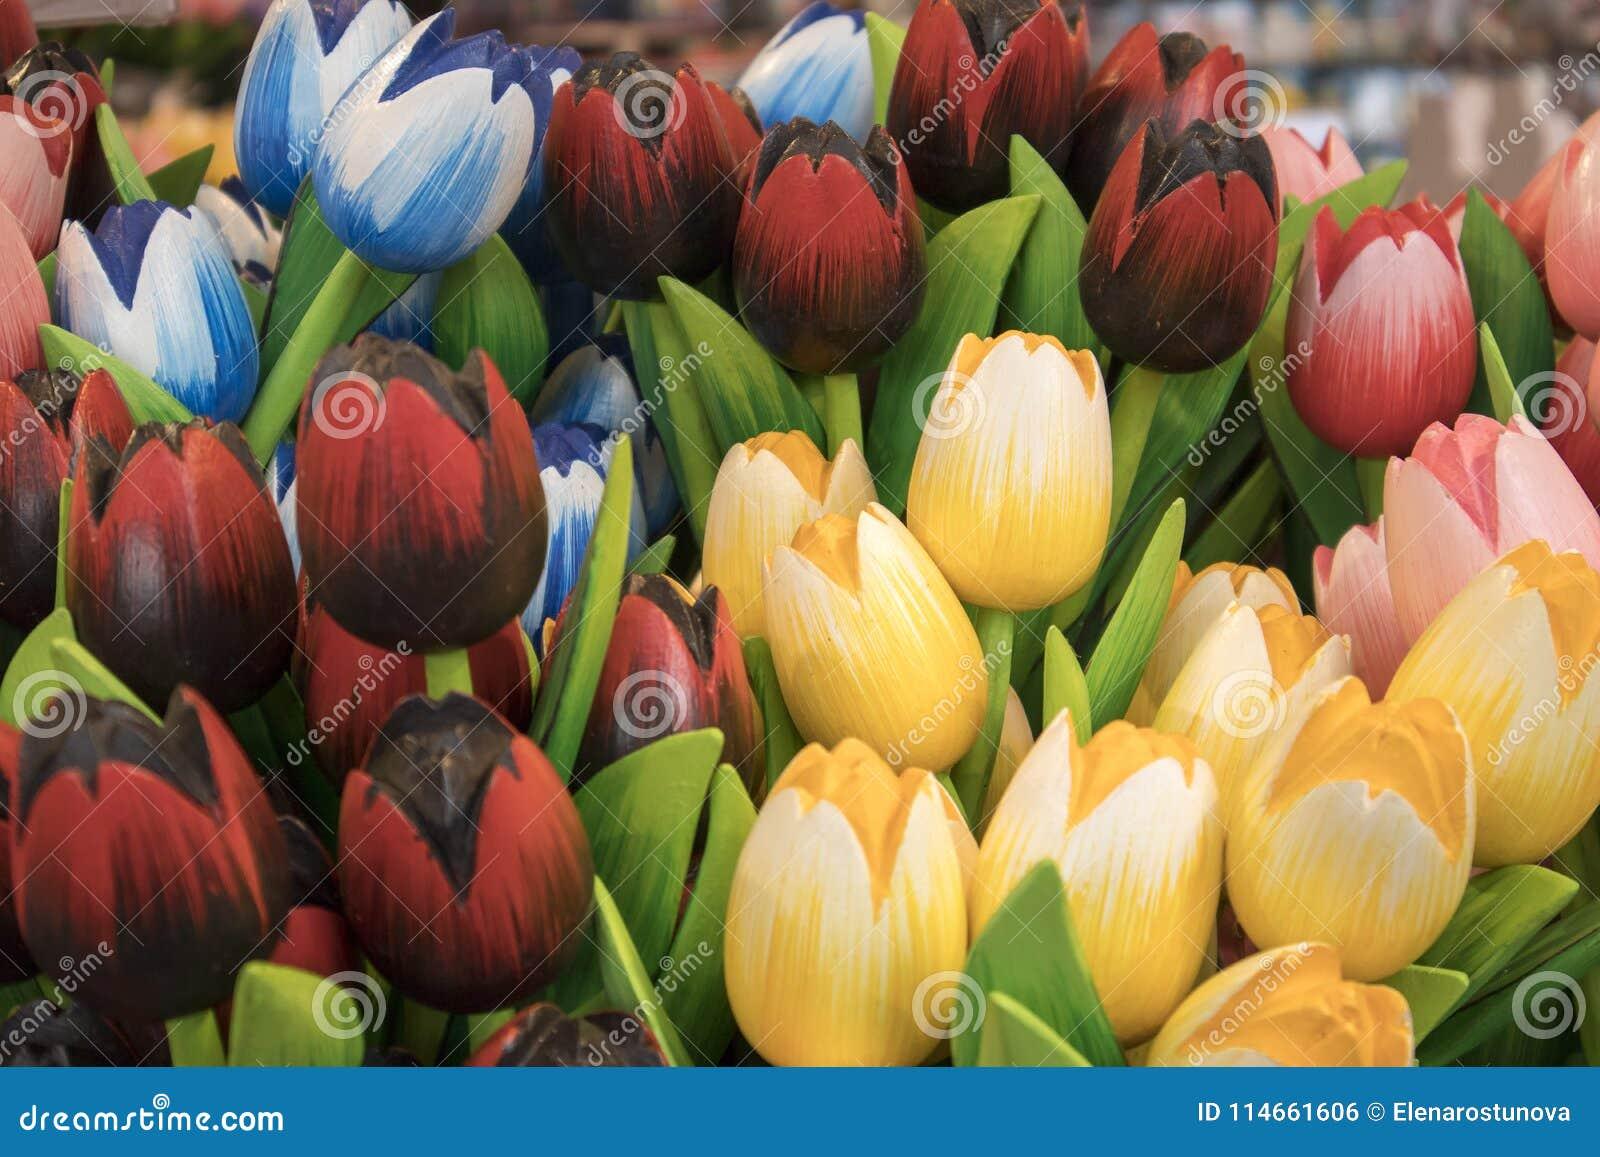 Τα αναμνηστικά σε Bloemenmarkt - να επιπλεύσει αγορά λουλουδιών στο κανάλι Singel φυλακτών netherlands